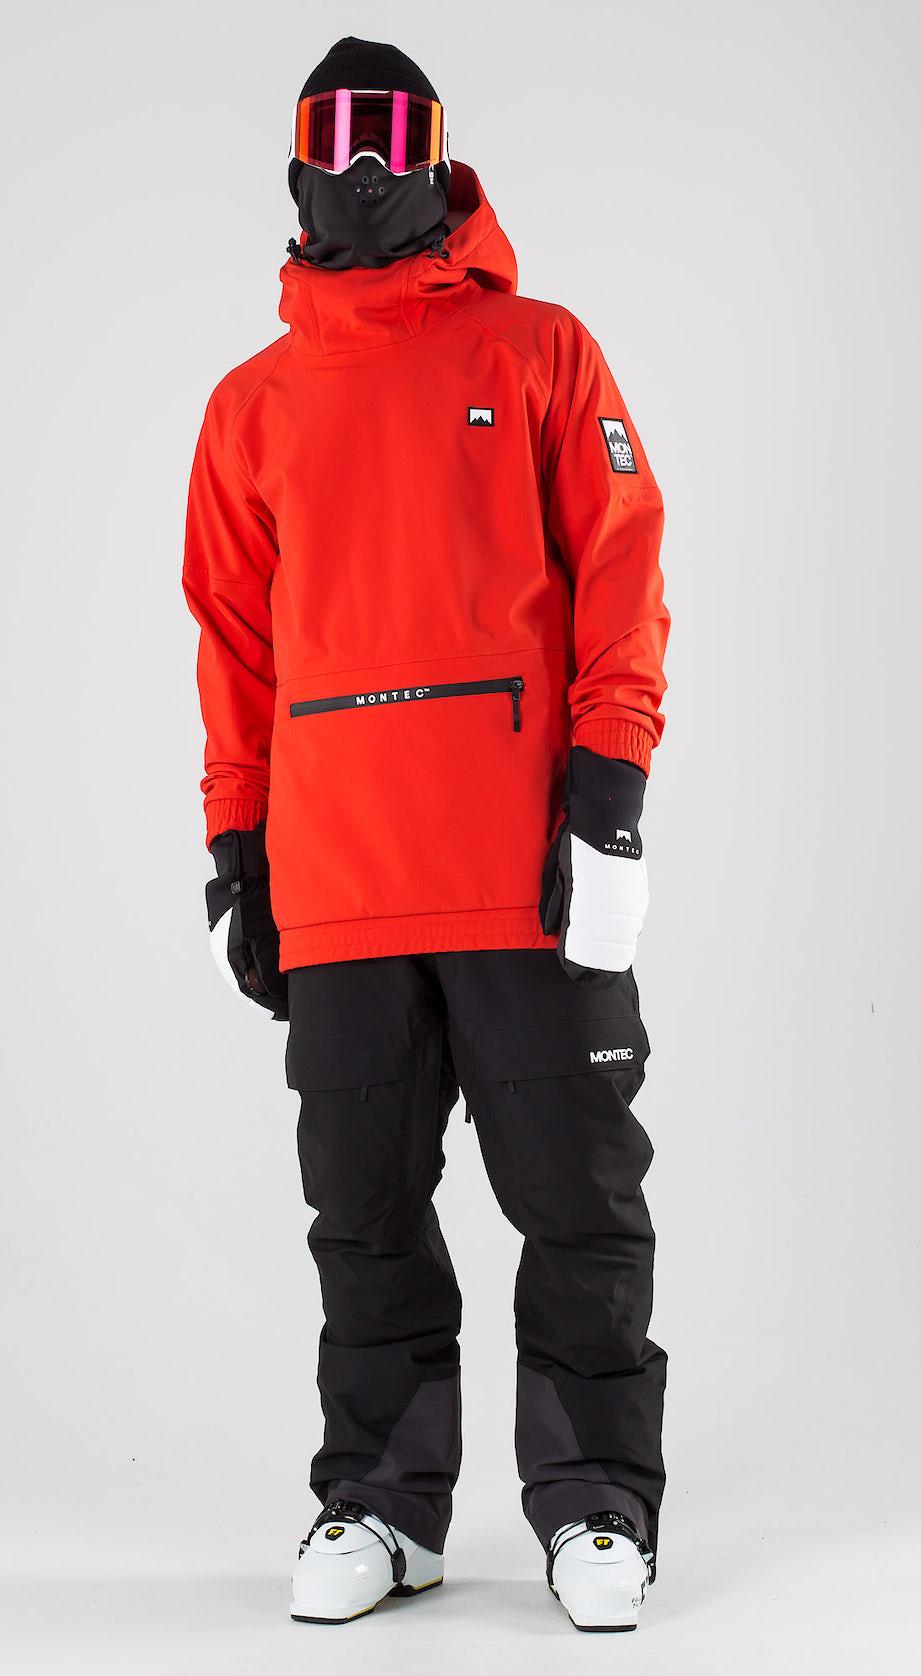 Montec Tempest Red Vêtements de ski Multi